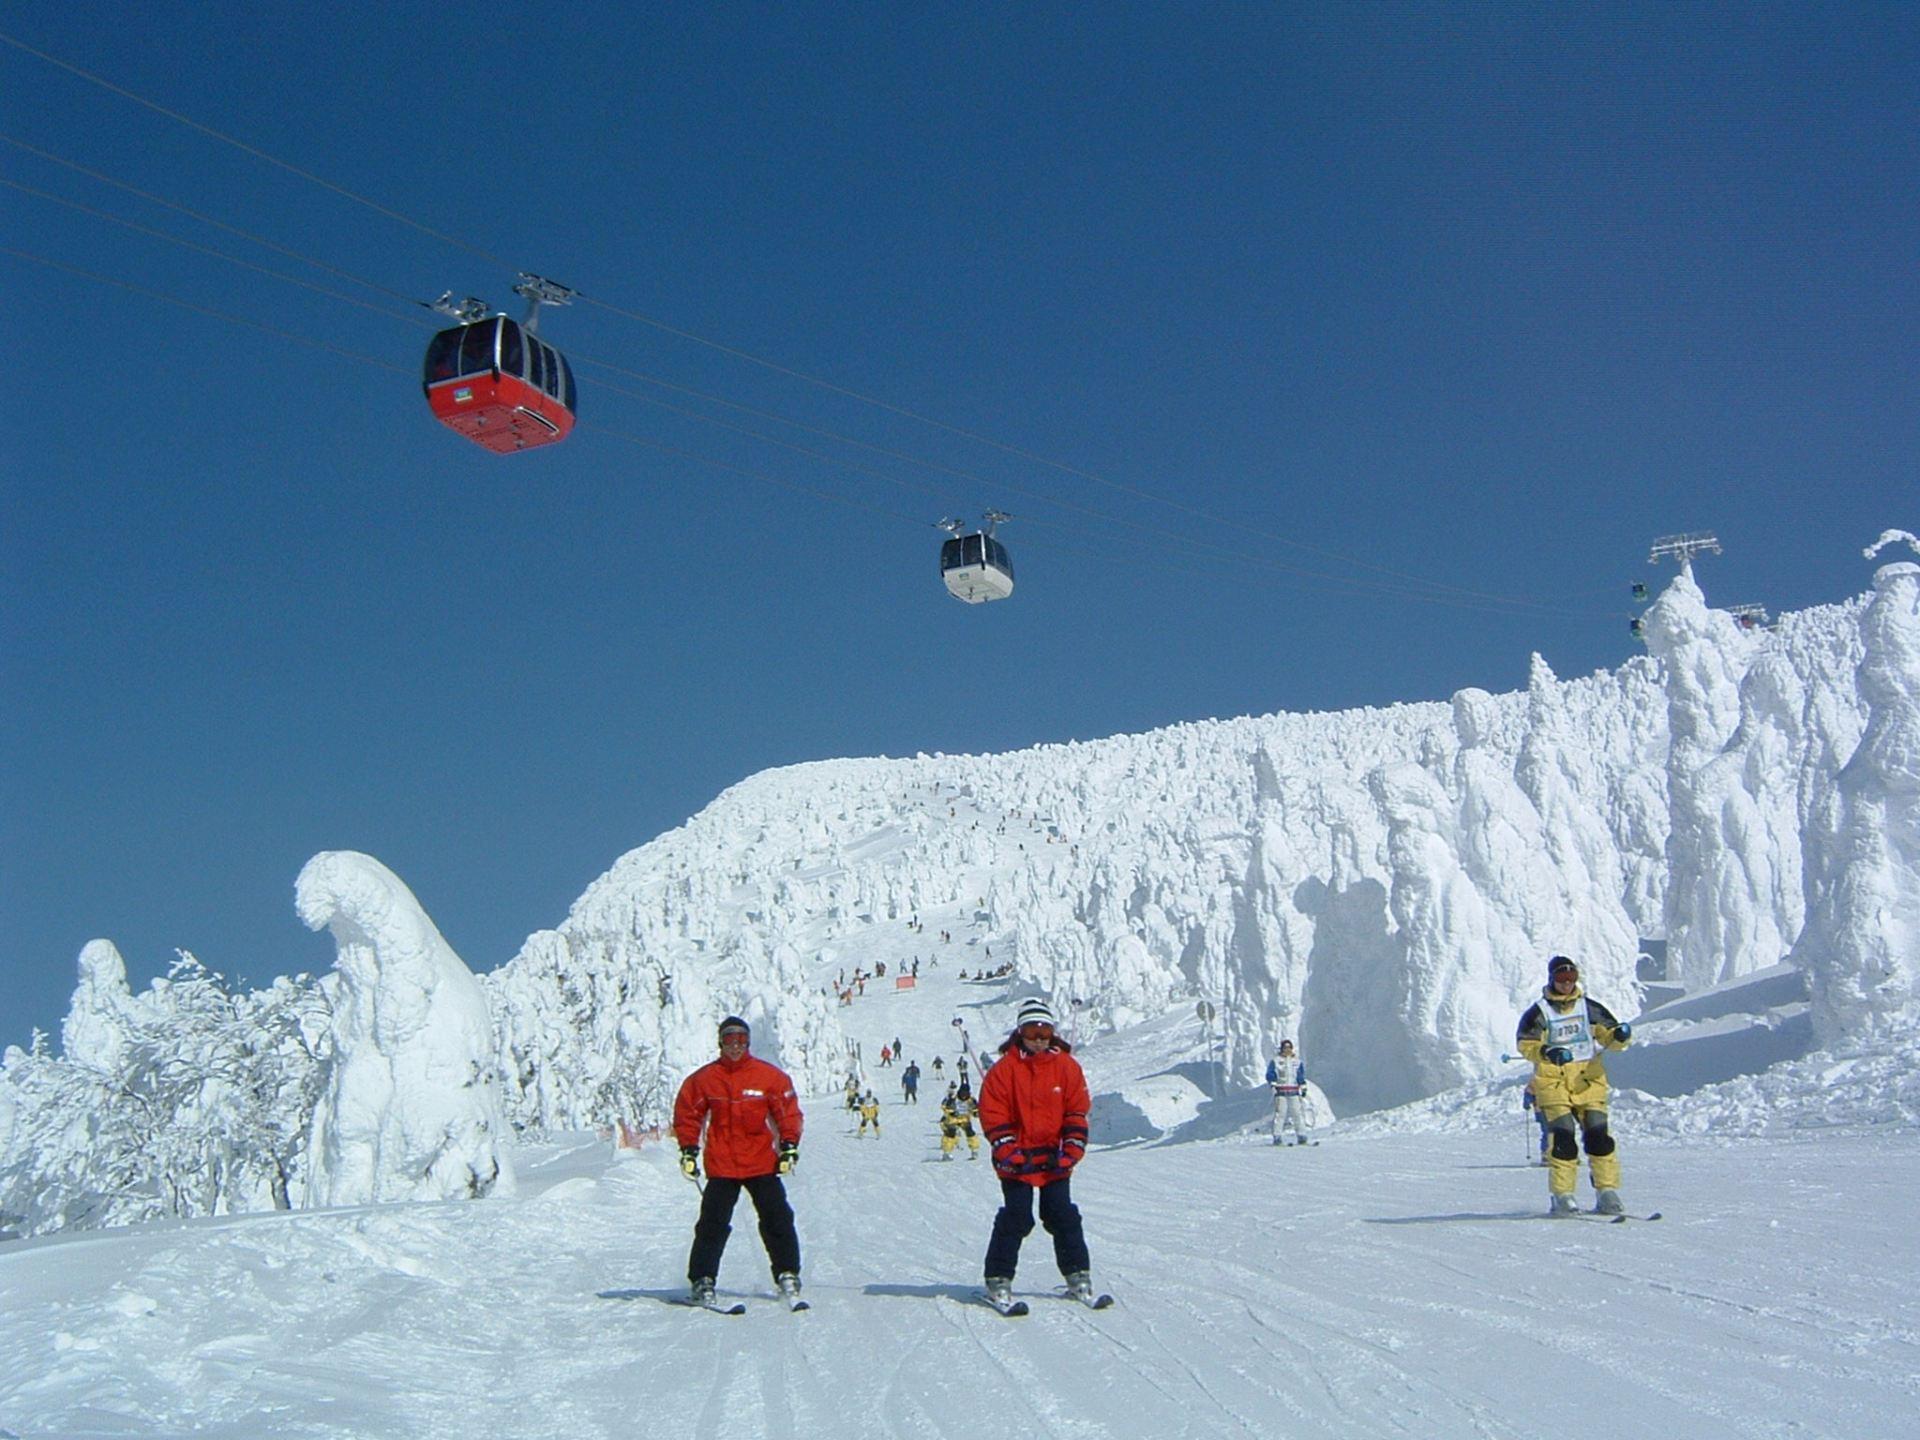 在樹冰原滑道滑行時,還能邊滑雪邊欣賞樹冰美景。